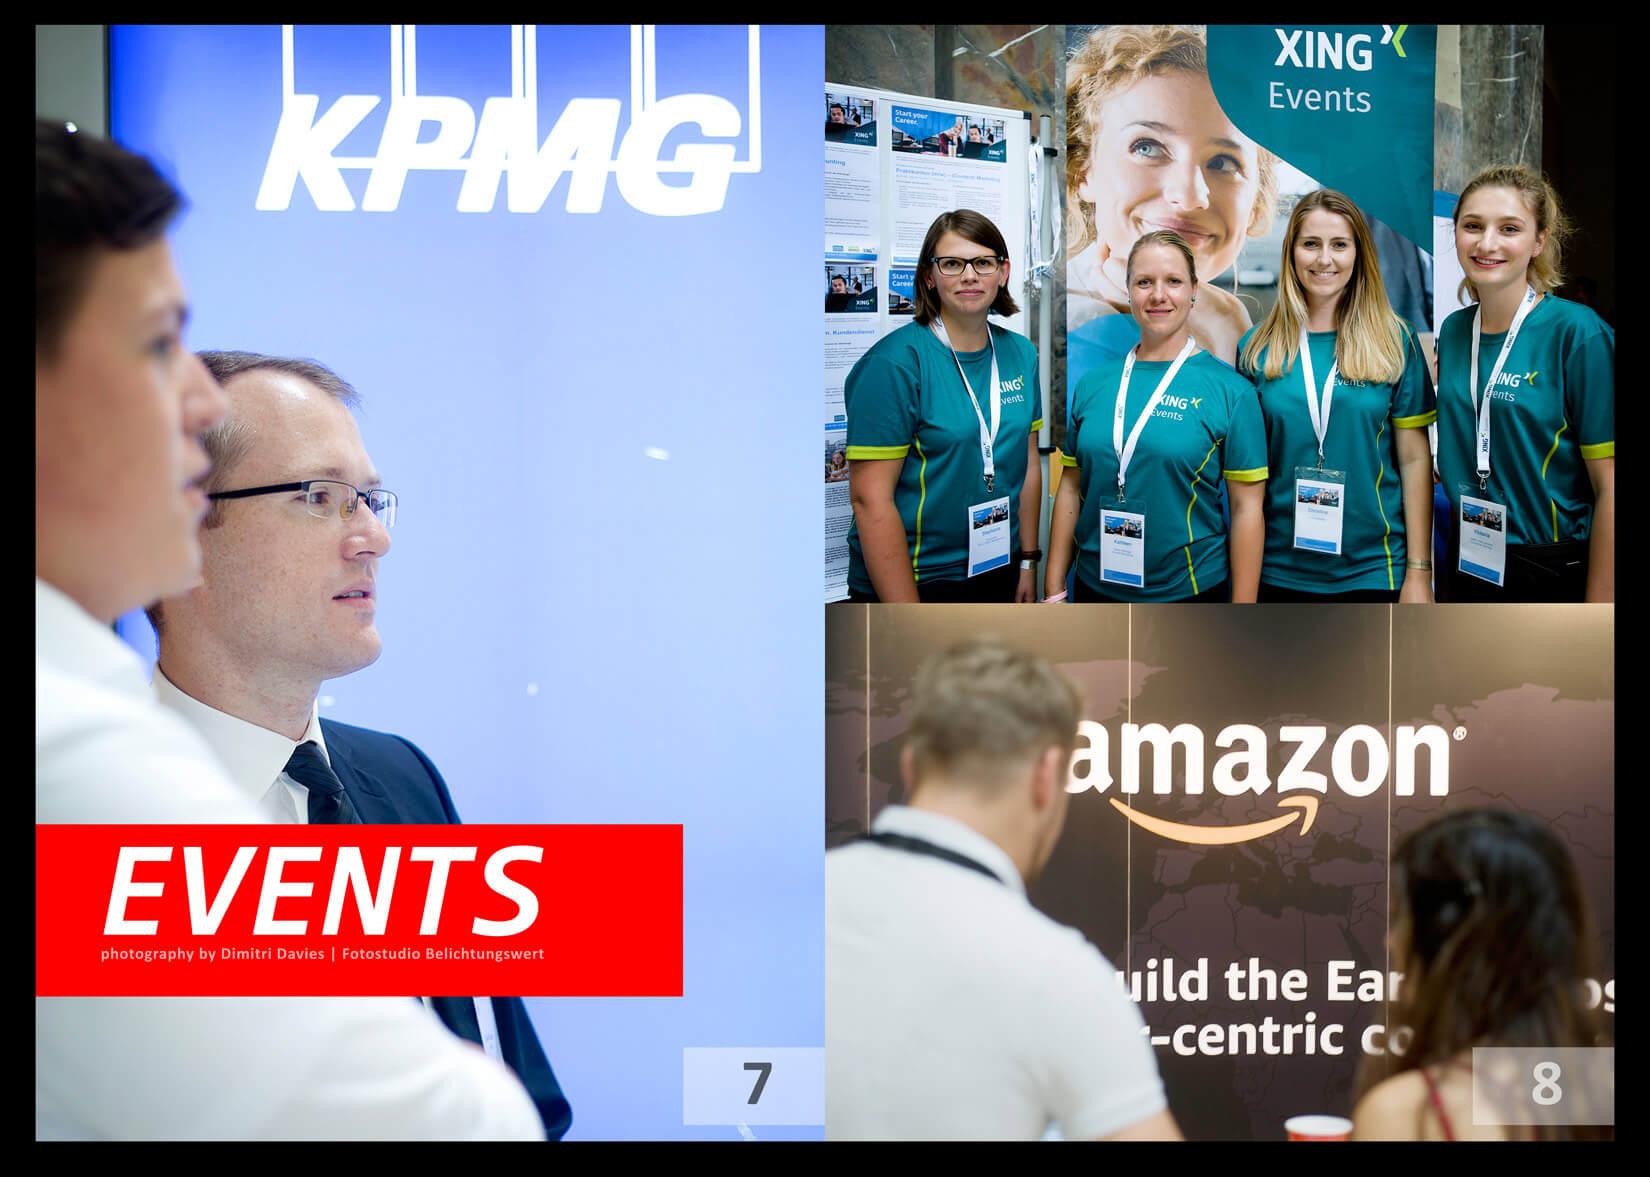 Eventfotografie München KPMG Amazon und XIng Teams in schöner Umgebung